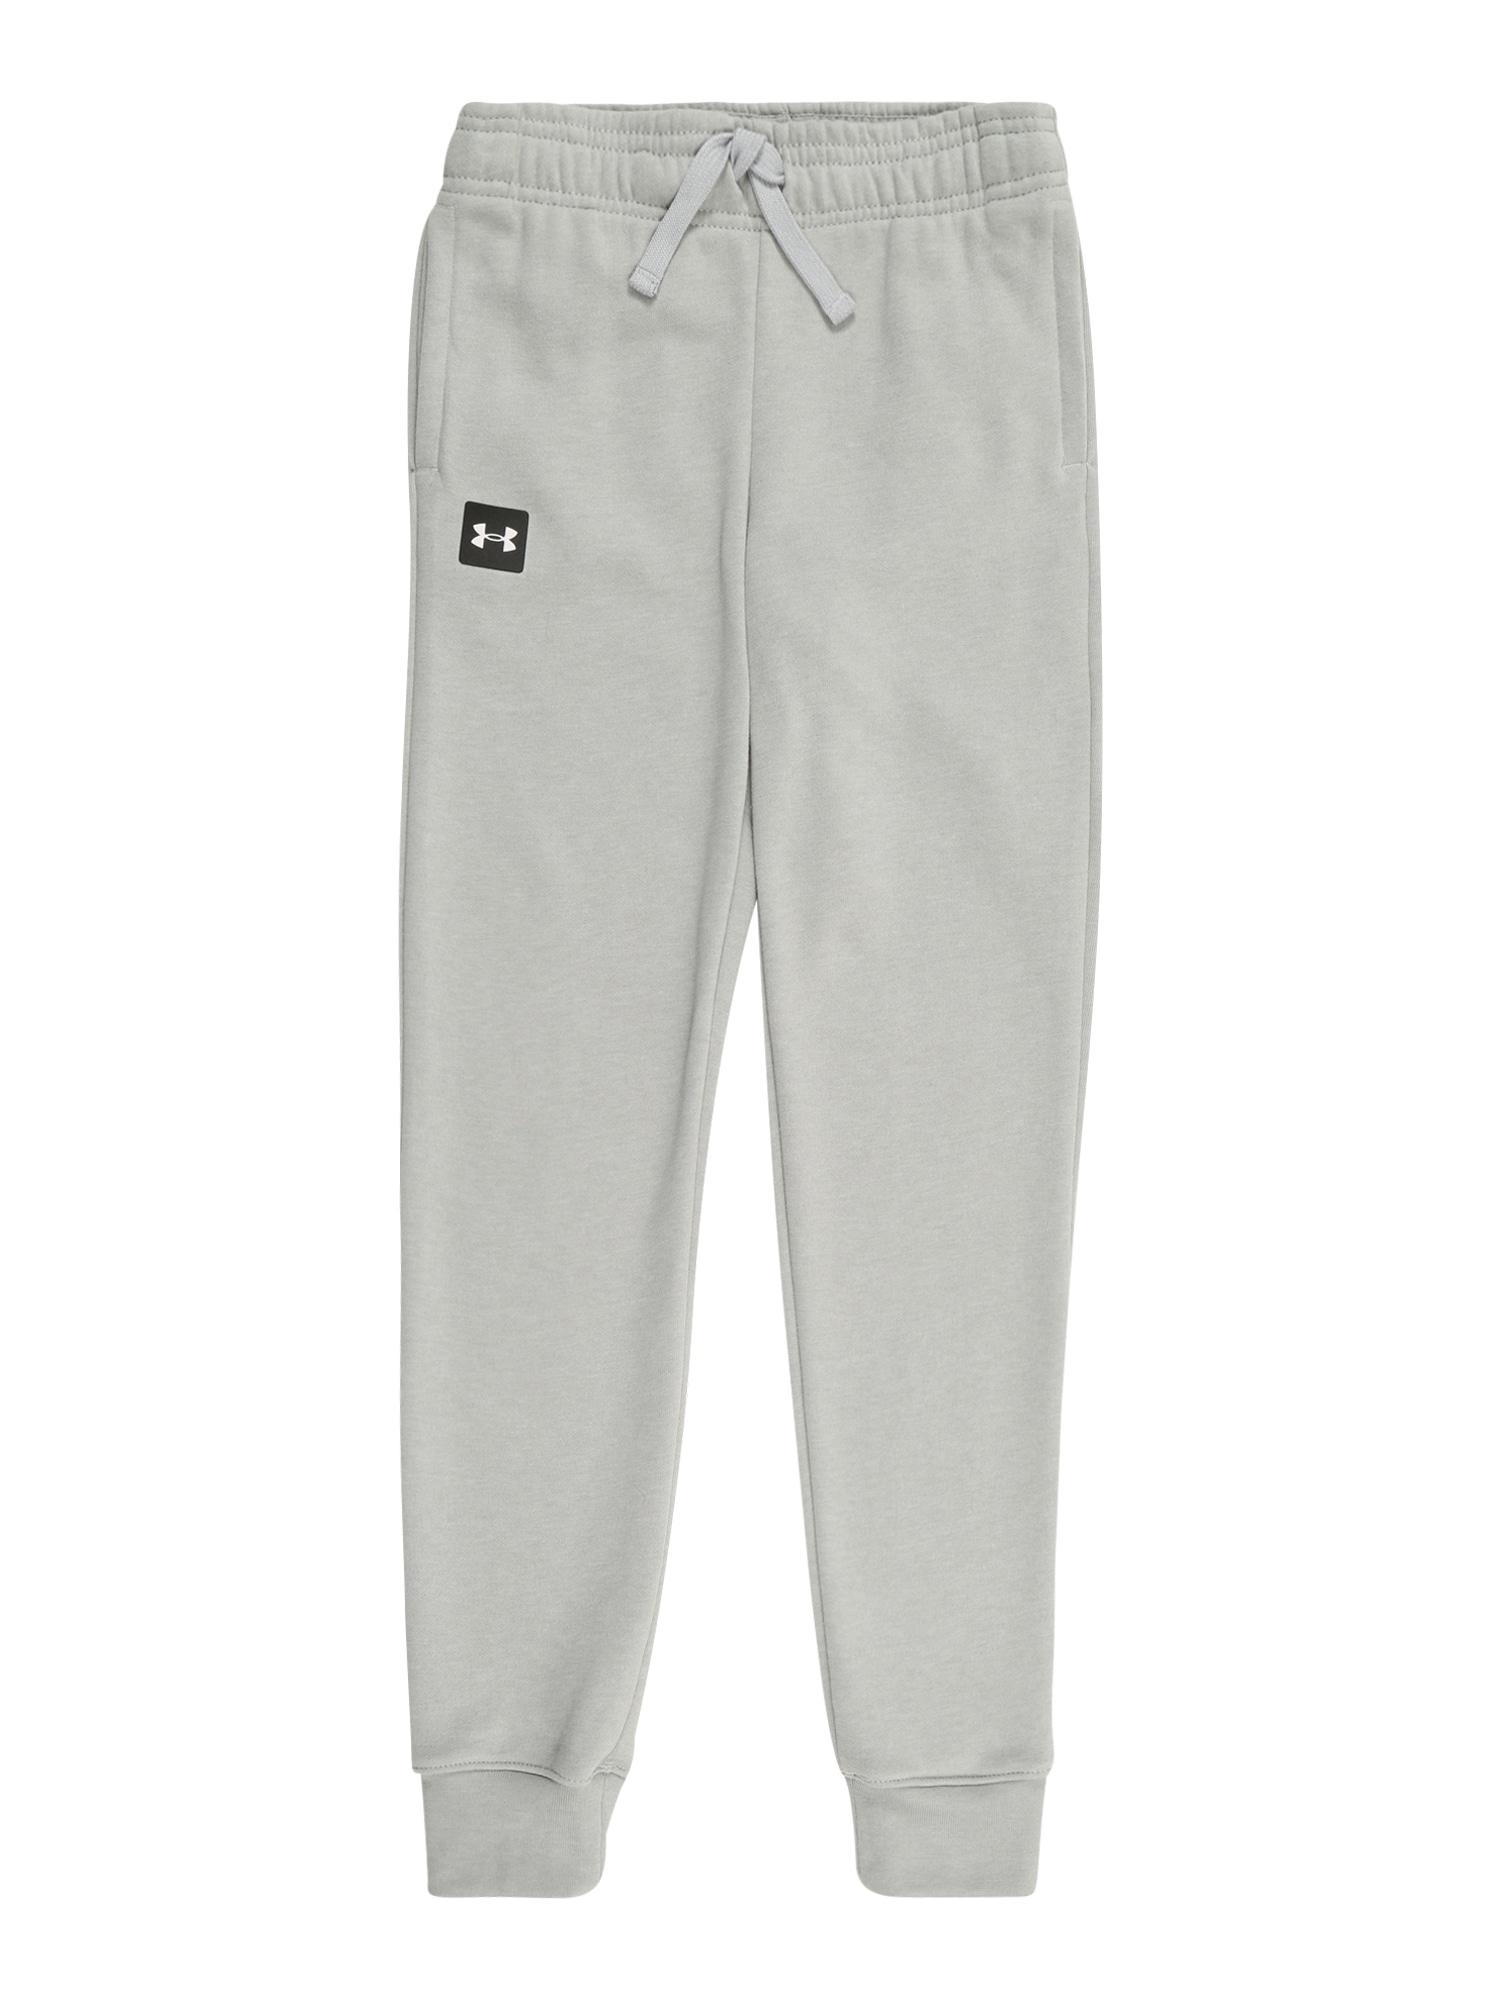 UNDER ARMOUR Sportovní kalhoty 'RIVAL'  světle šedá / černá